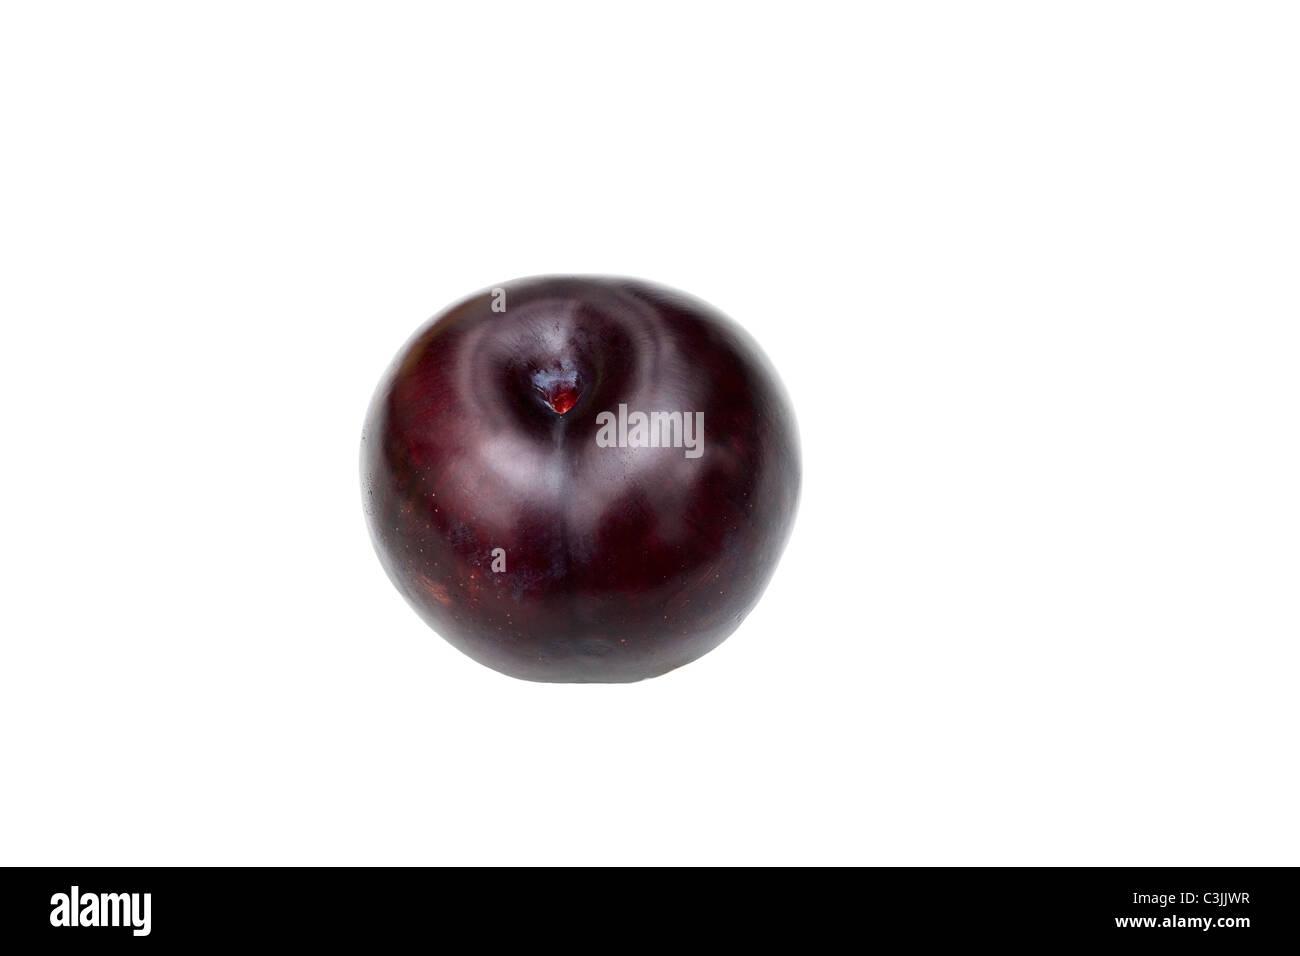 Close-up studio shot of organic cherry - Stock Image